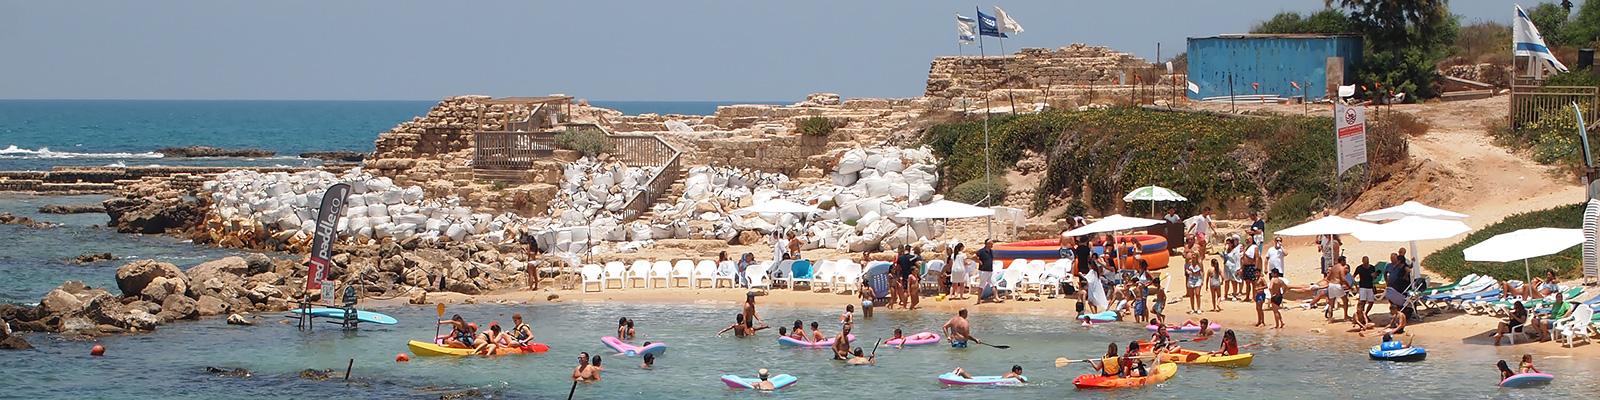 カイザリア(Caesarea)の遺跡にある入江で遊ぶ子供たち